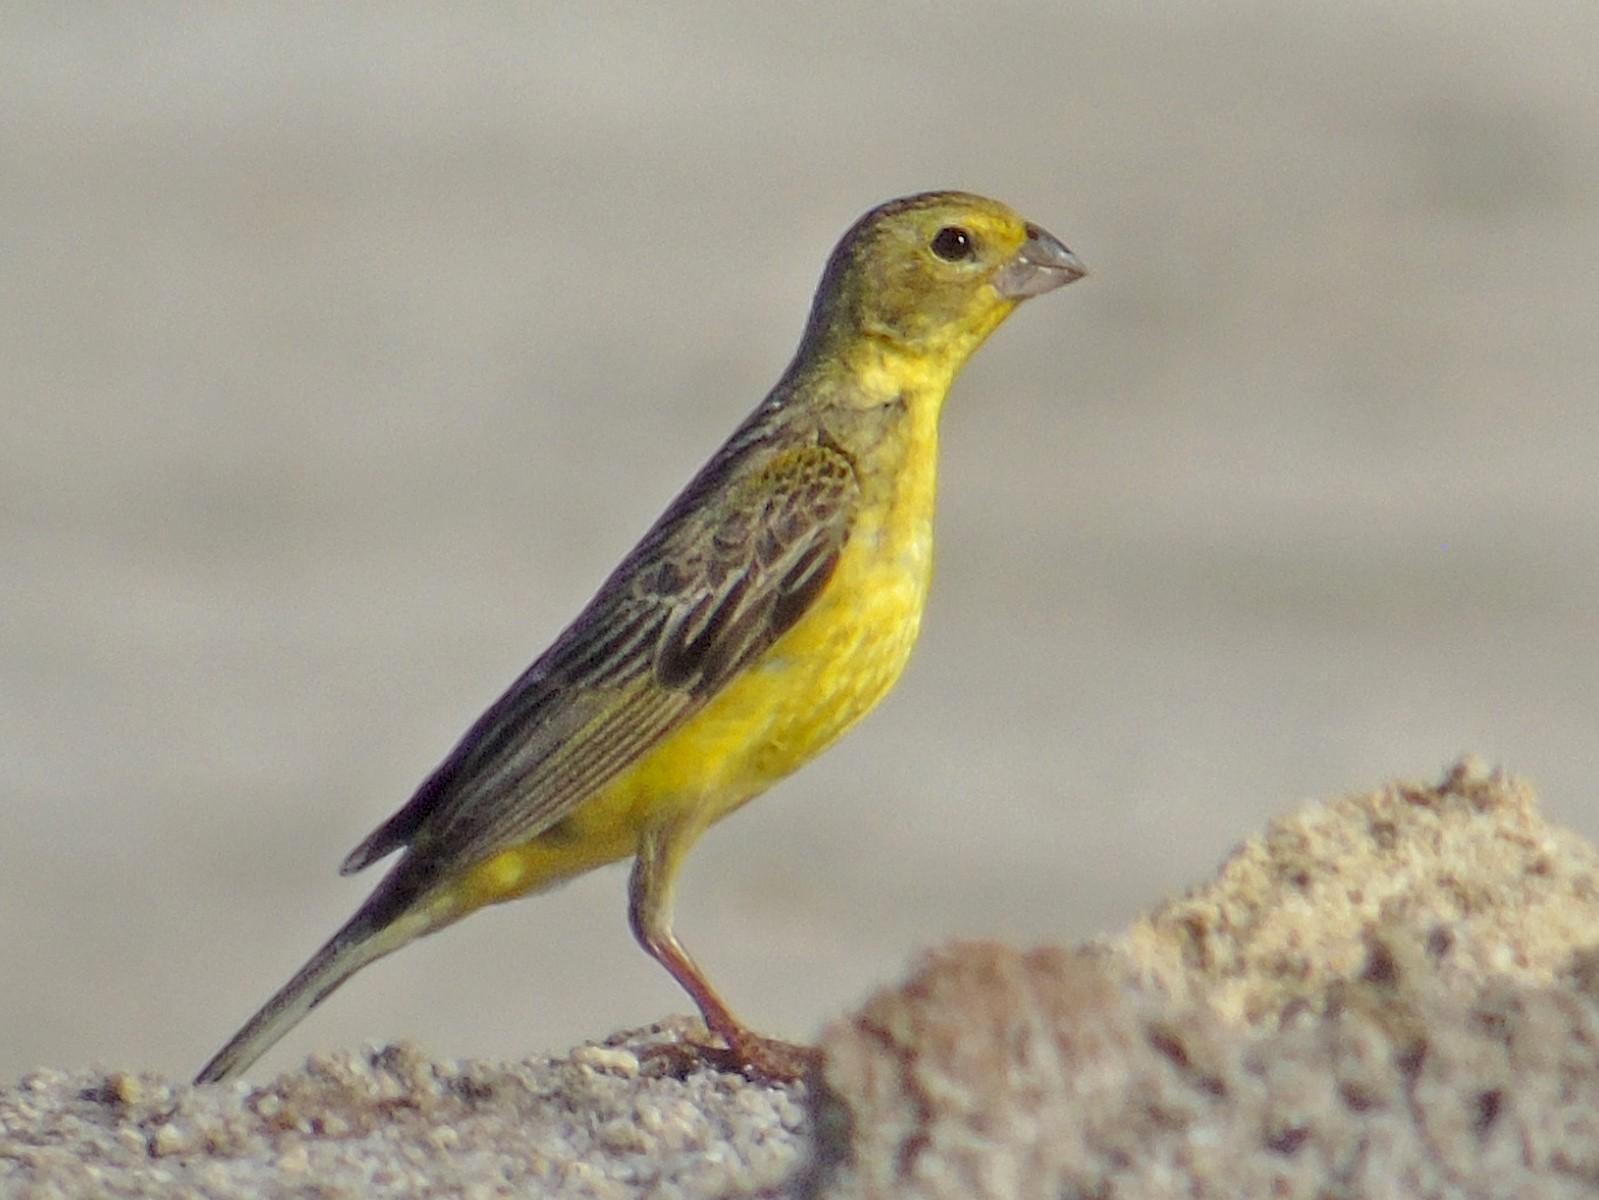 Grassland Yellow-Finch - Roni Martinez